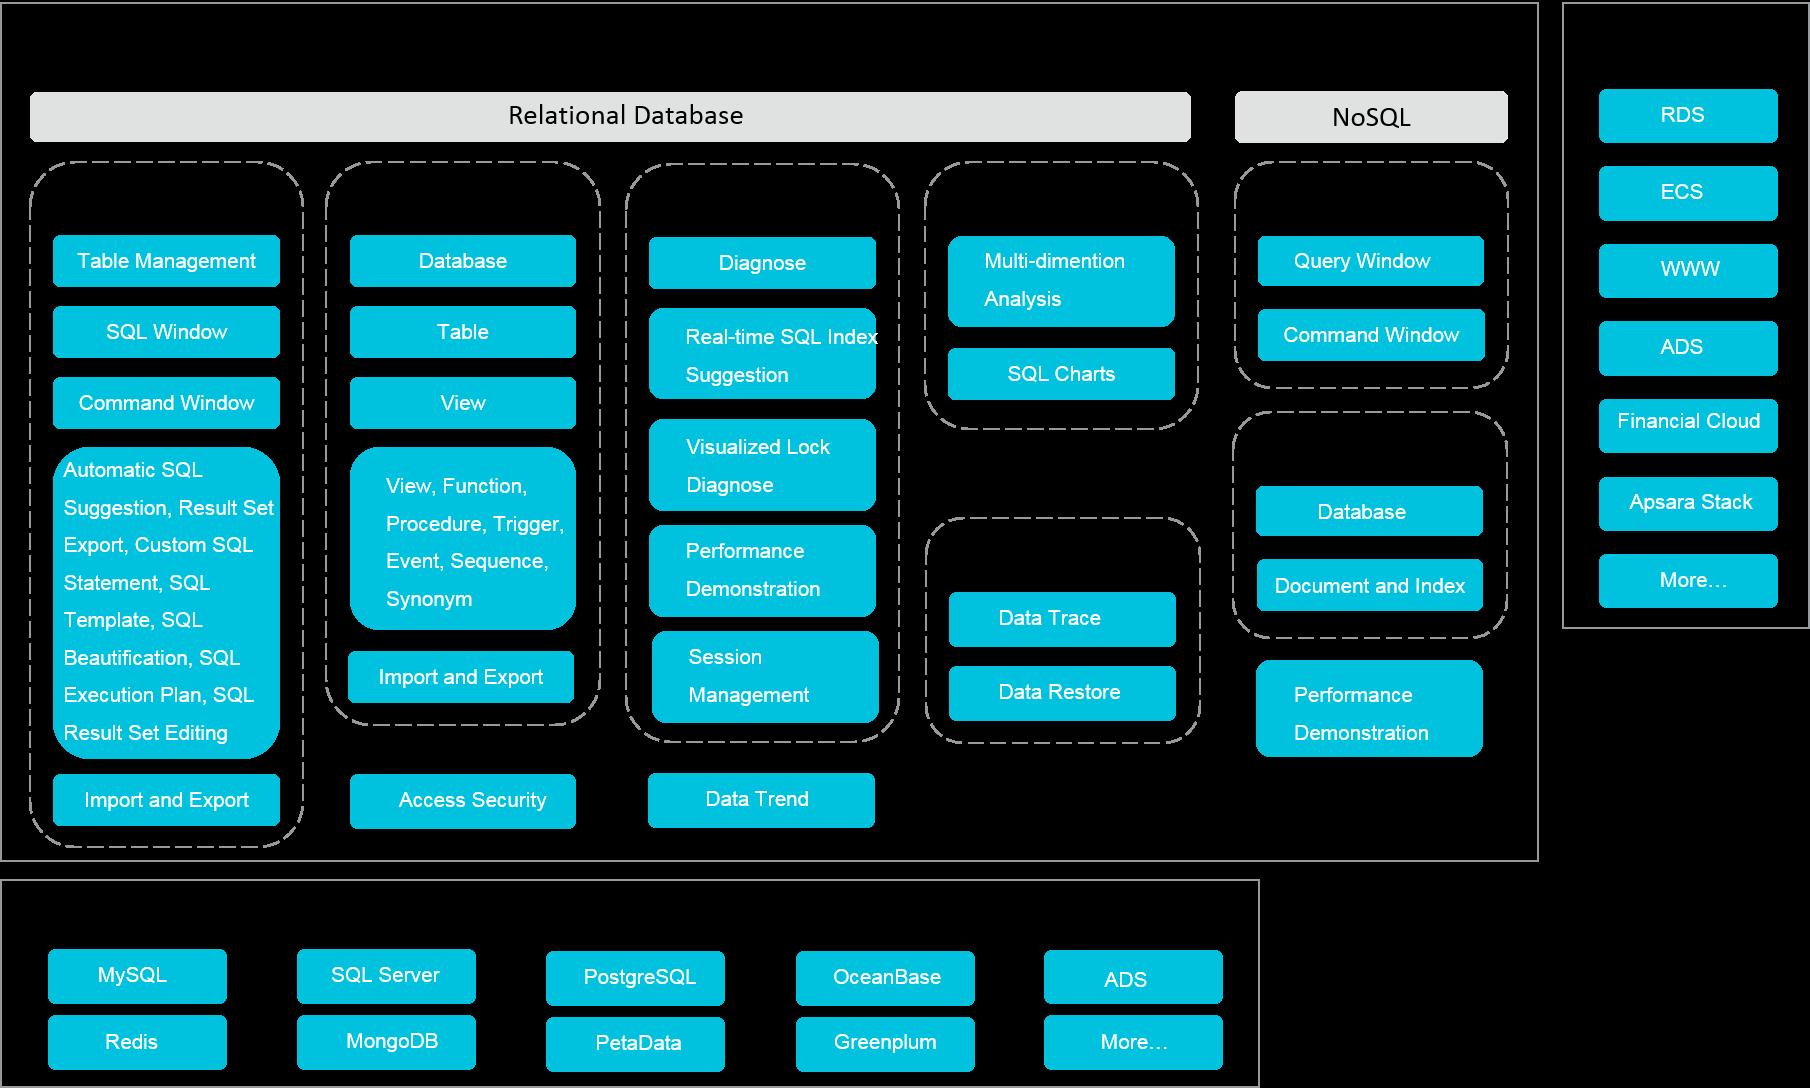 Feature diagram